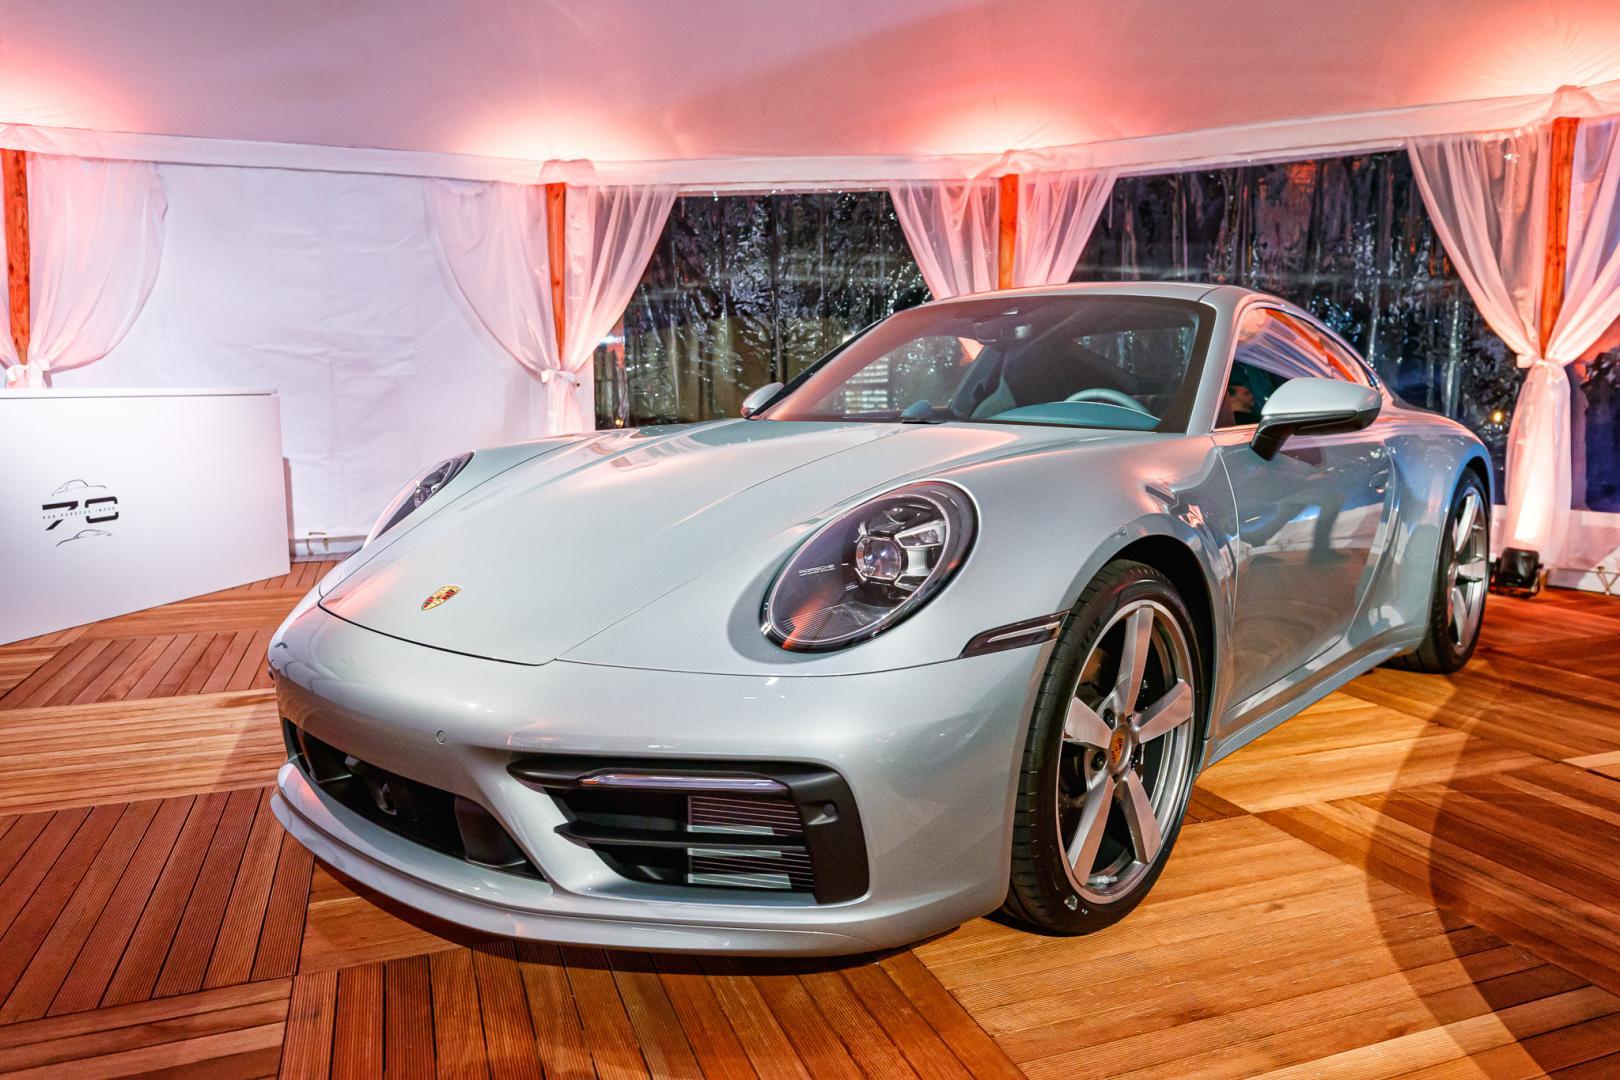 Porsche 911 Carrera 4S Ben Pon Jr Museum Wassenaar linksvoor